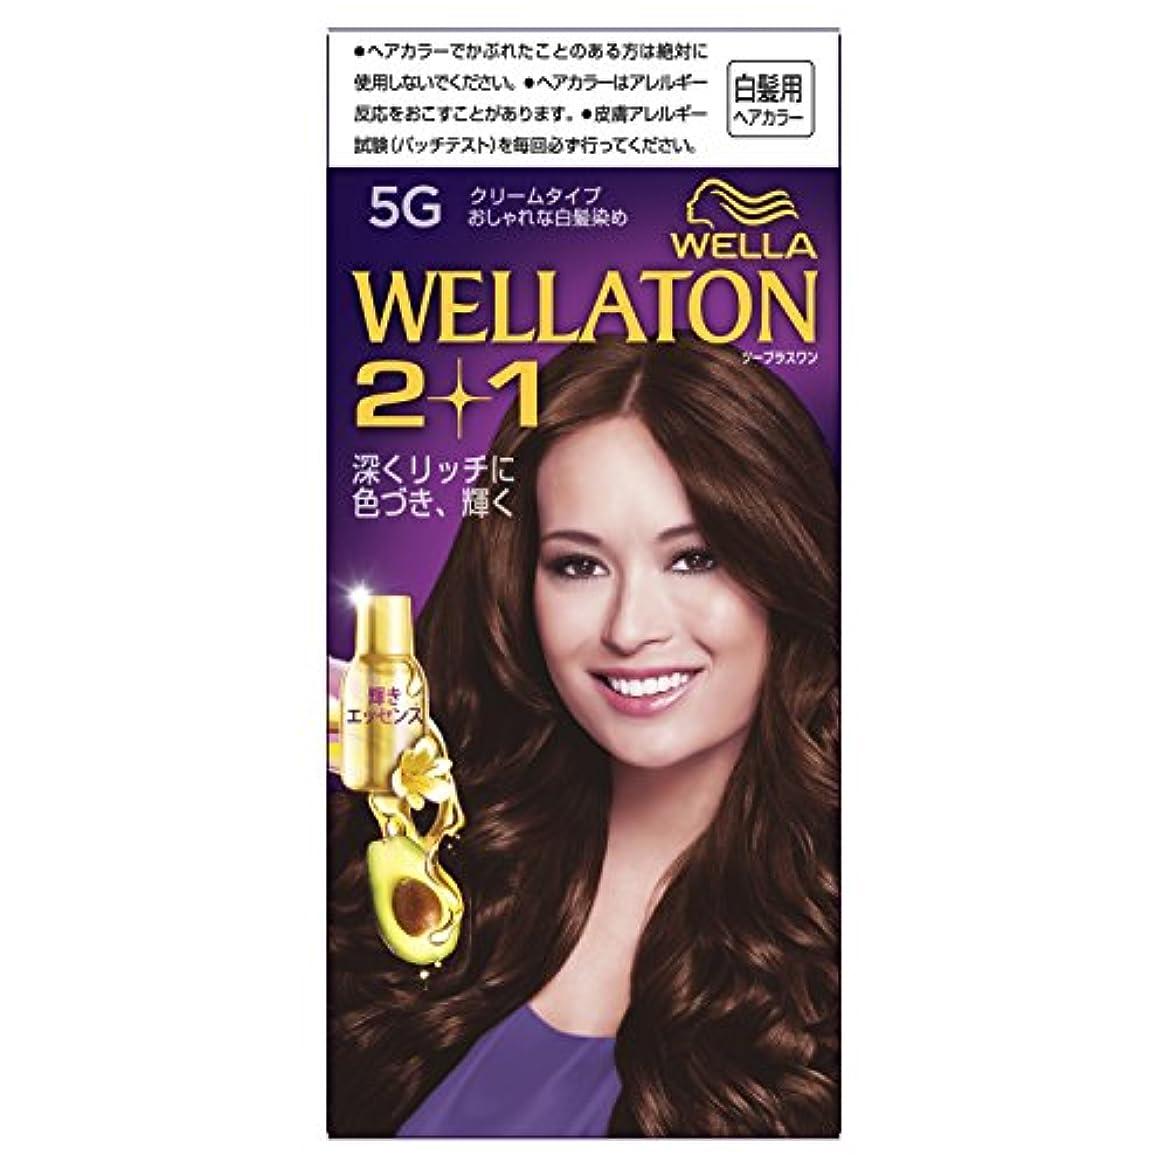 ルーチン回る冷蔵するウエラトーン2+1 クリームタイプ 5G [医薬部外品](おしゃれな白髪染め)